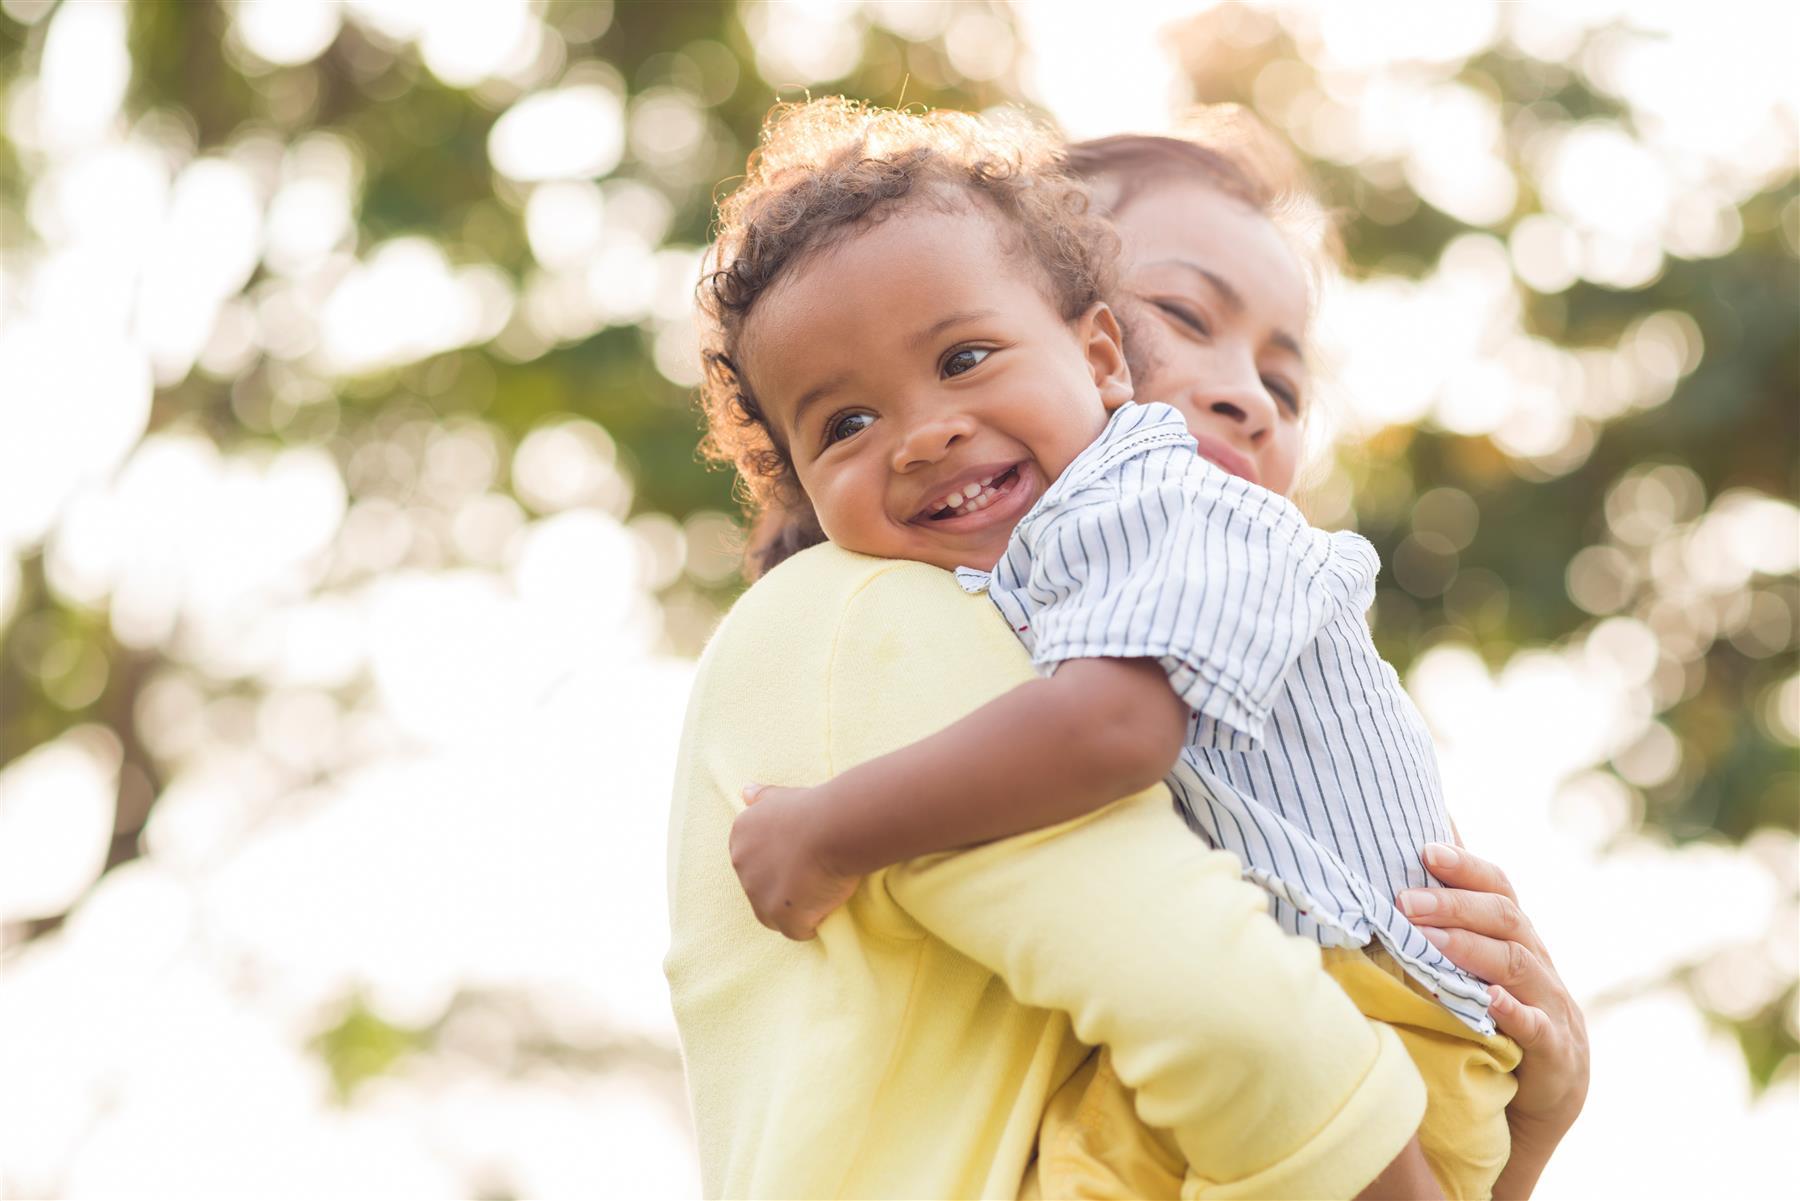 白皮书:儿童抚养的未来